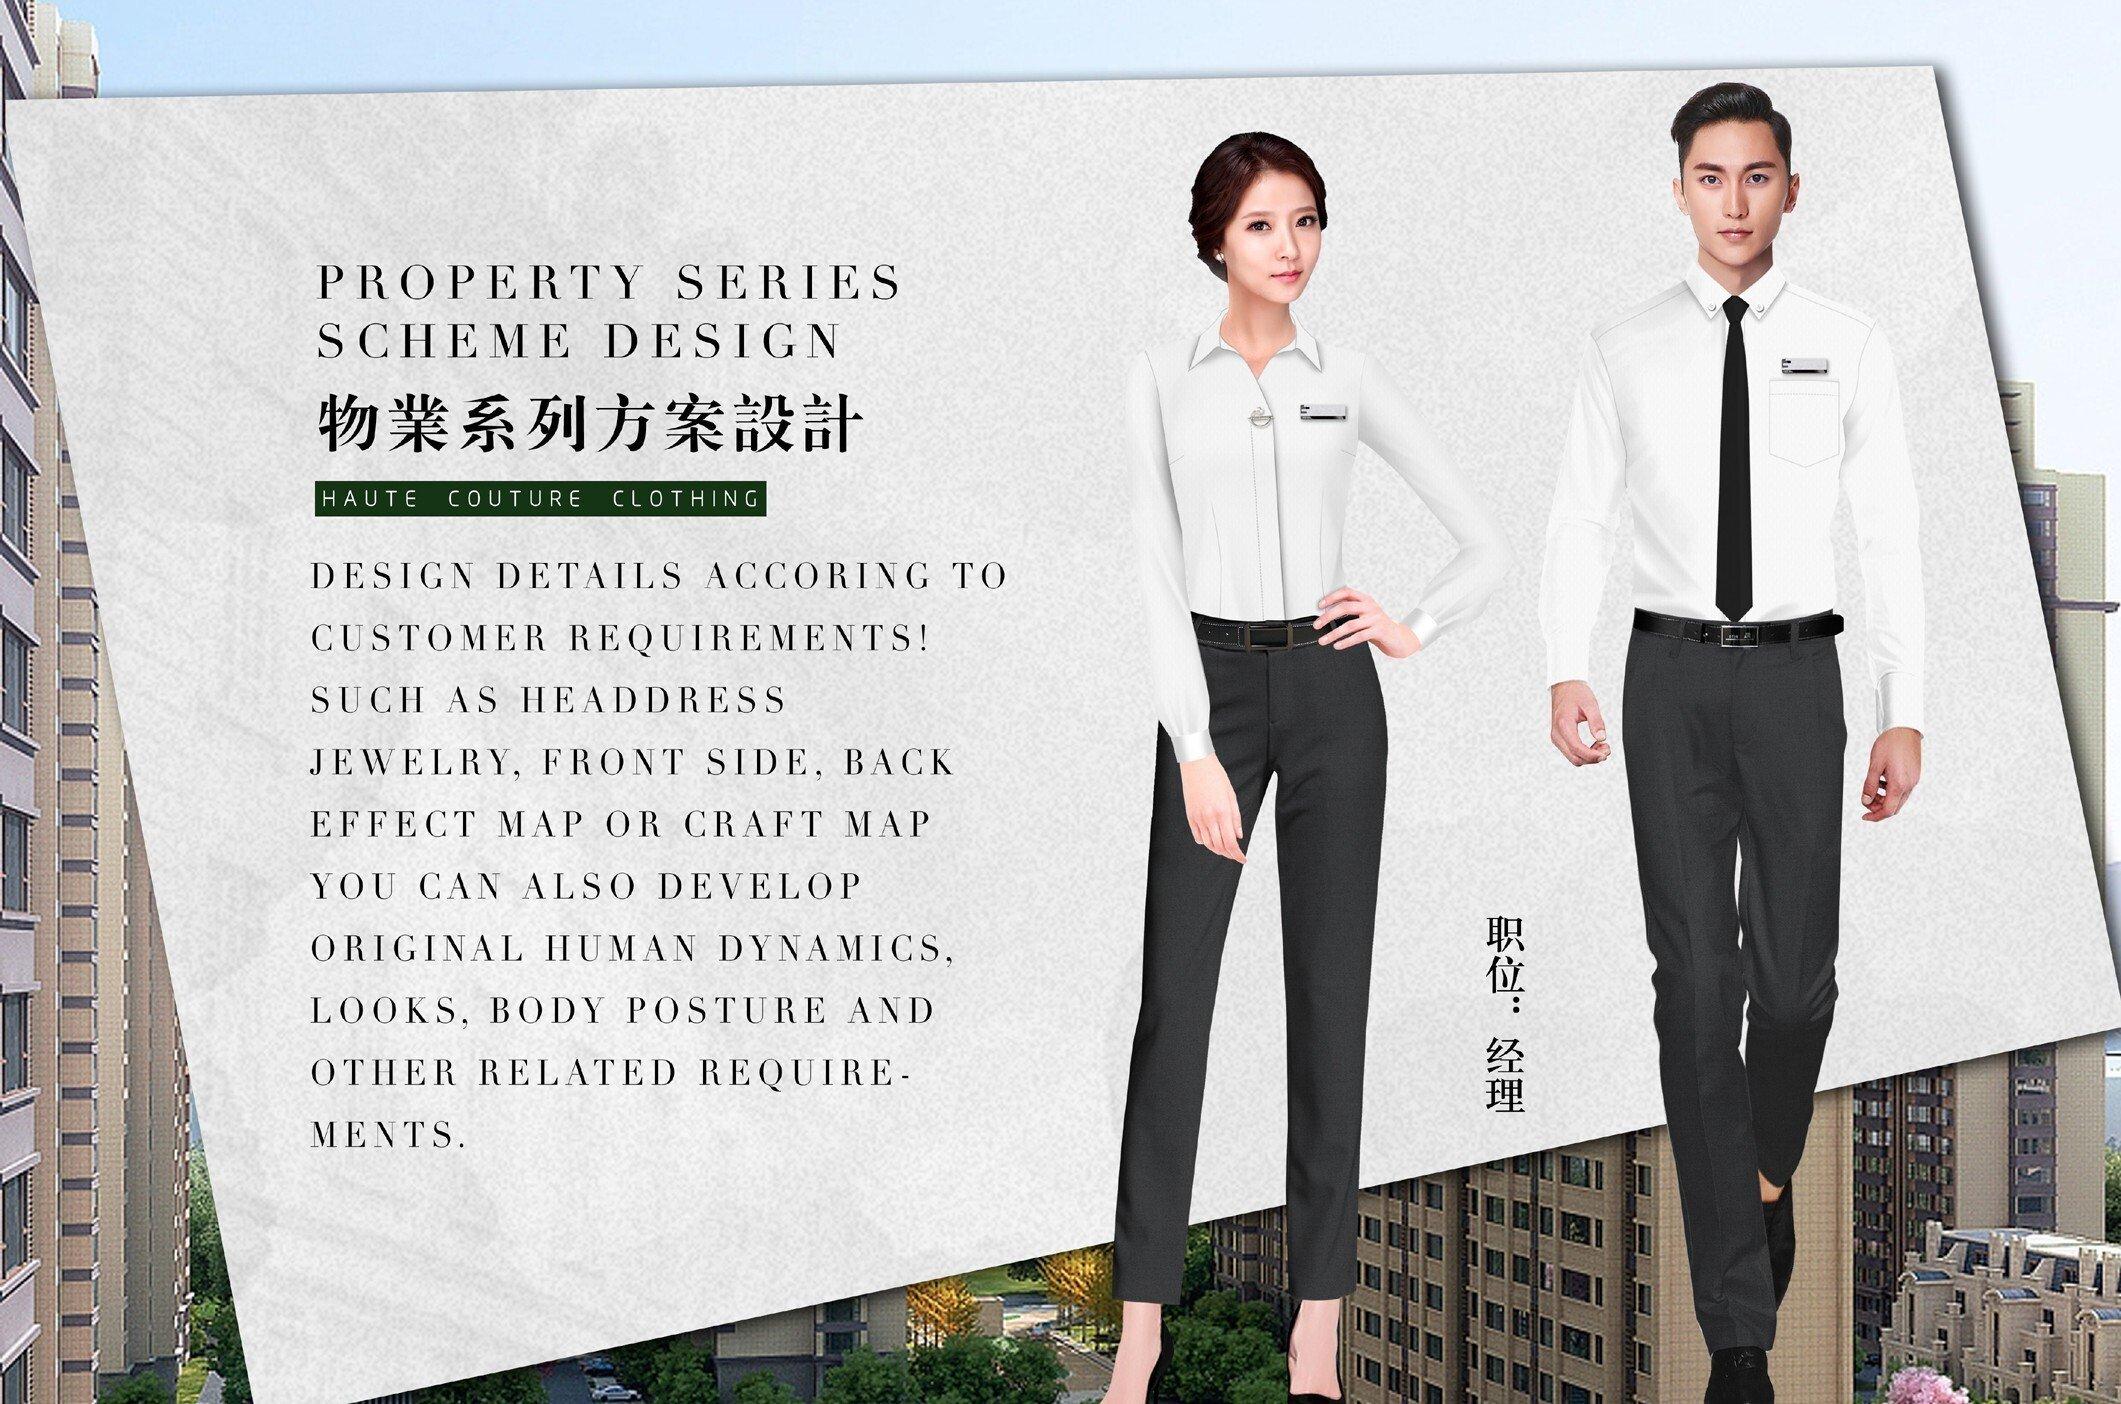 物业集团员工制式服装设计案例58548